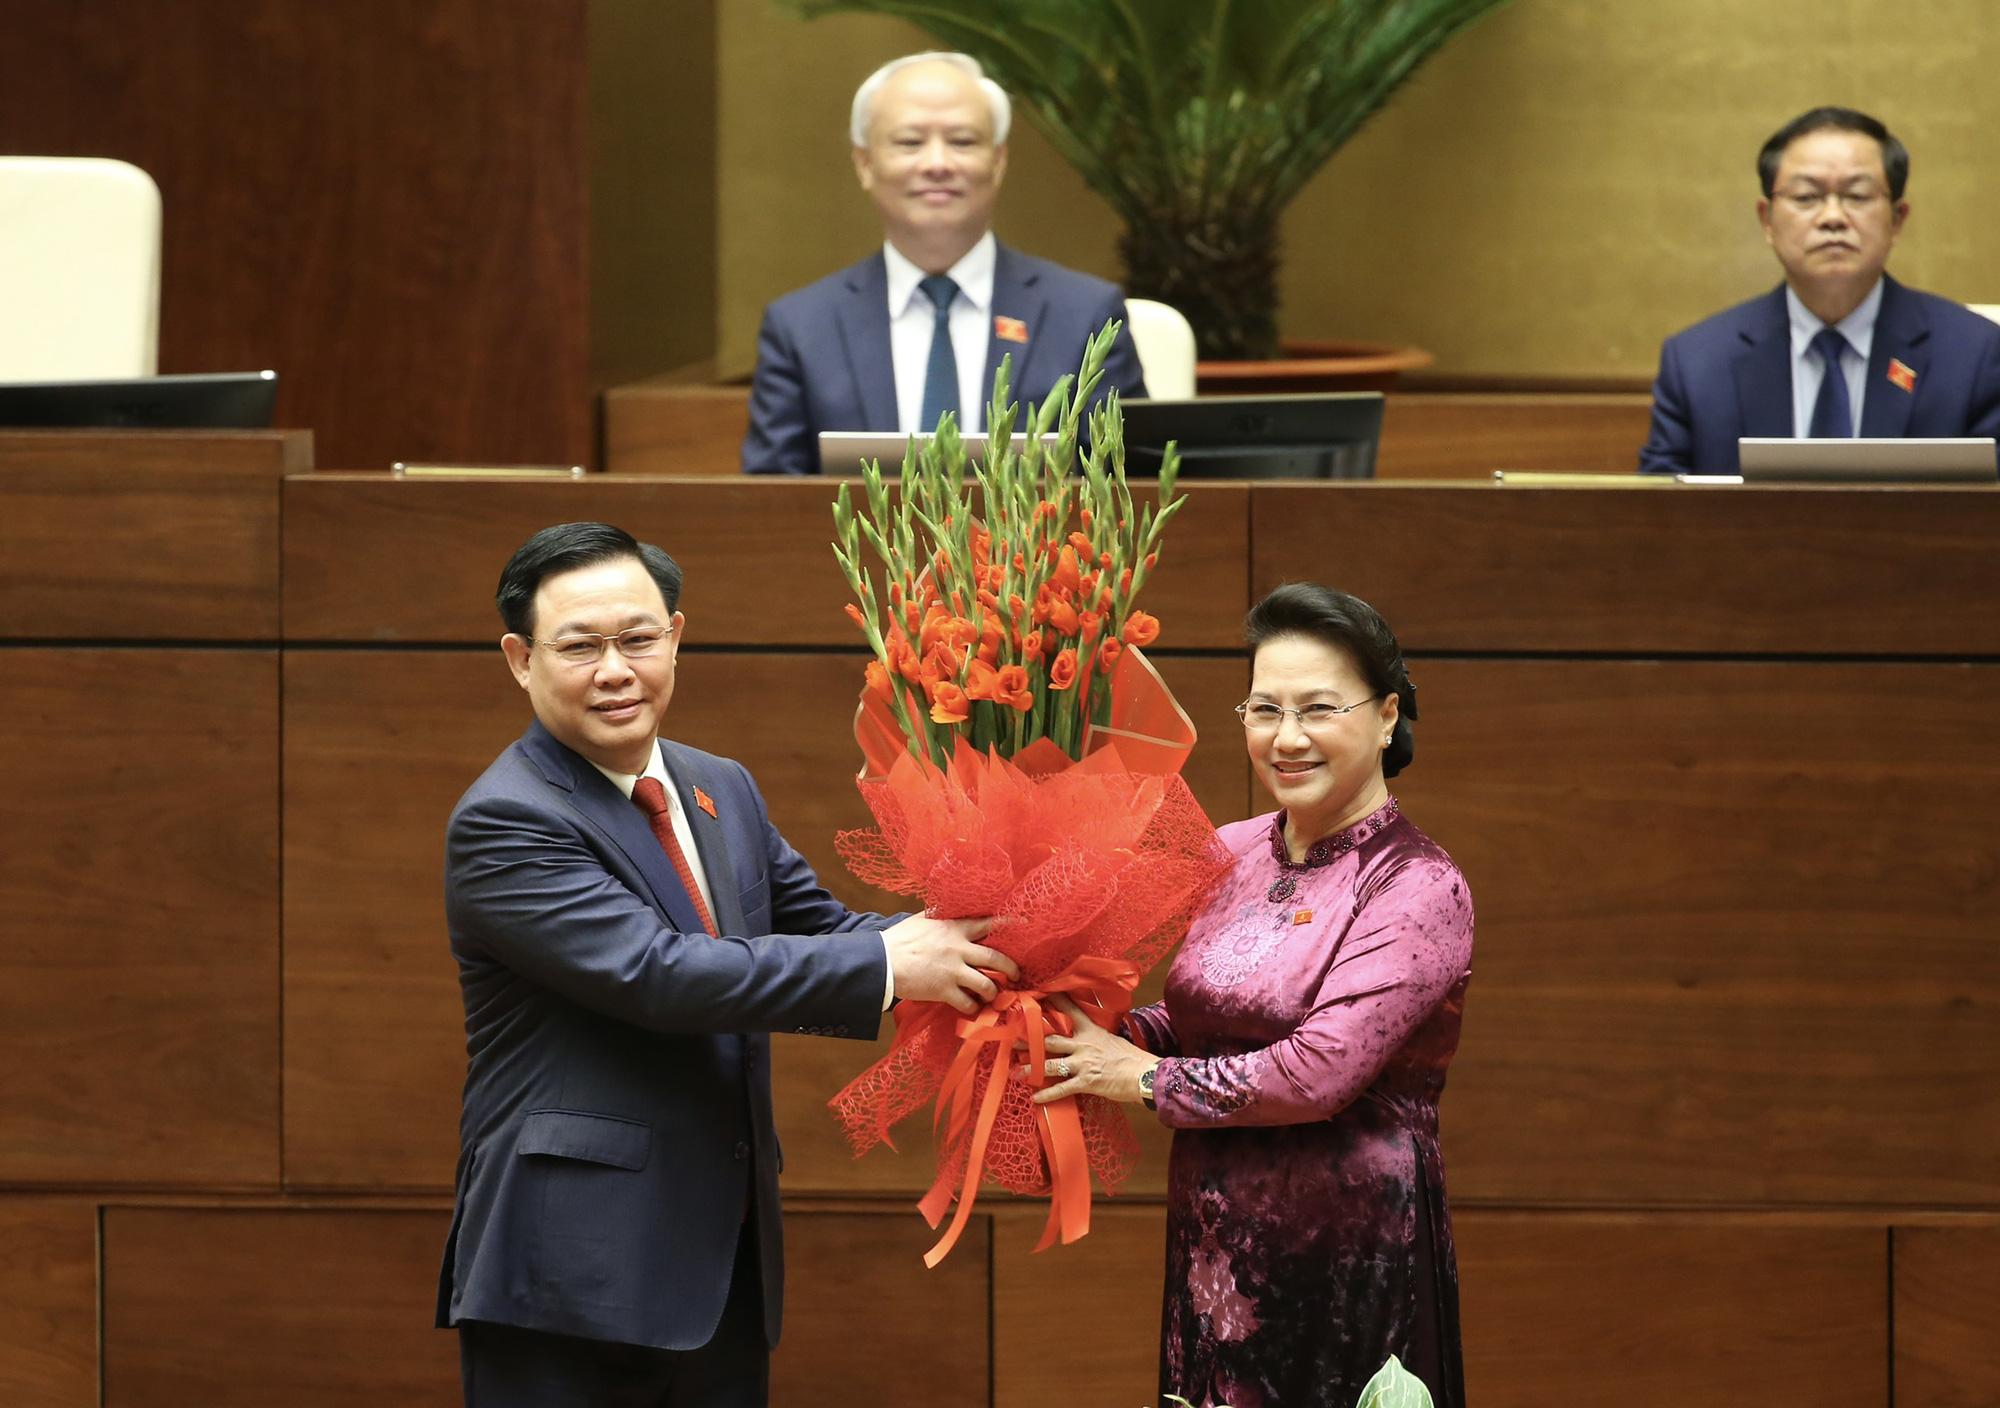 Ảnh: Tân Chủ tịch Quốc hội Vương Đình Huệ tuyên thệ nhậm chức, điều hành phiên họp - Ảnh 5.